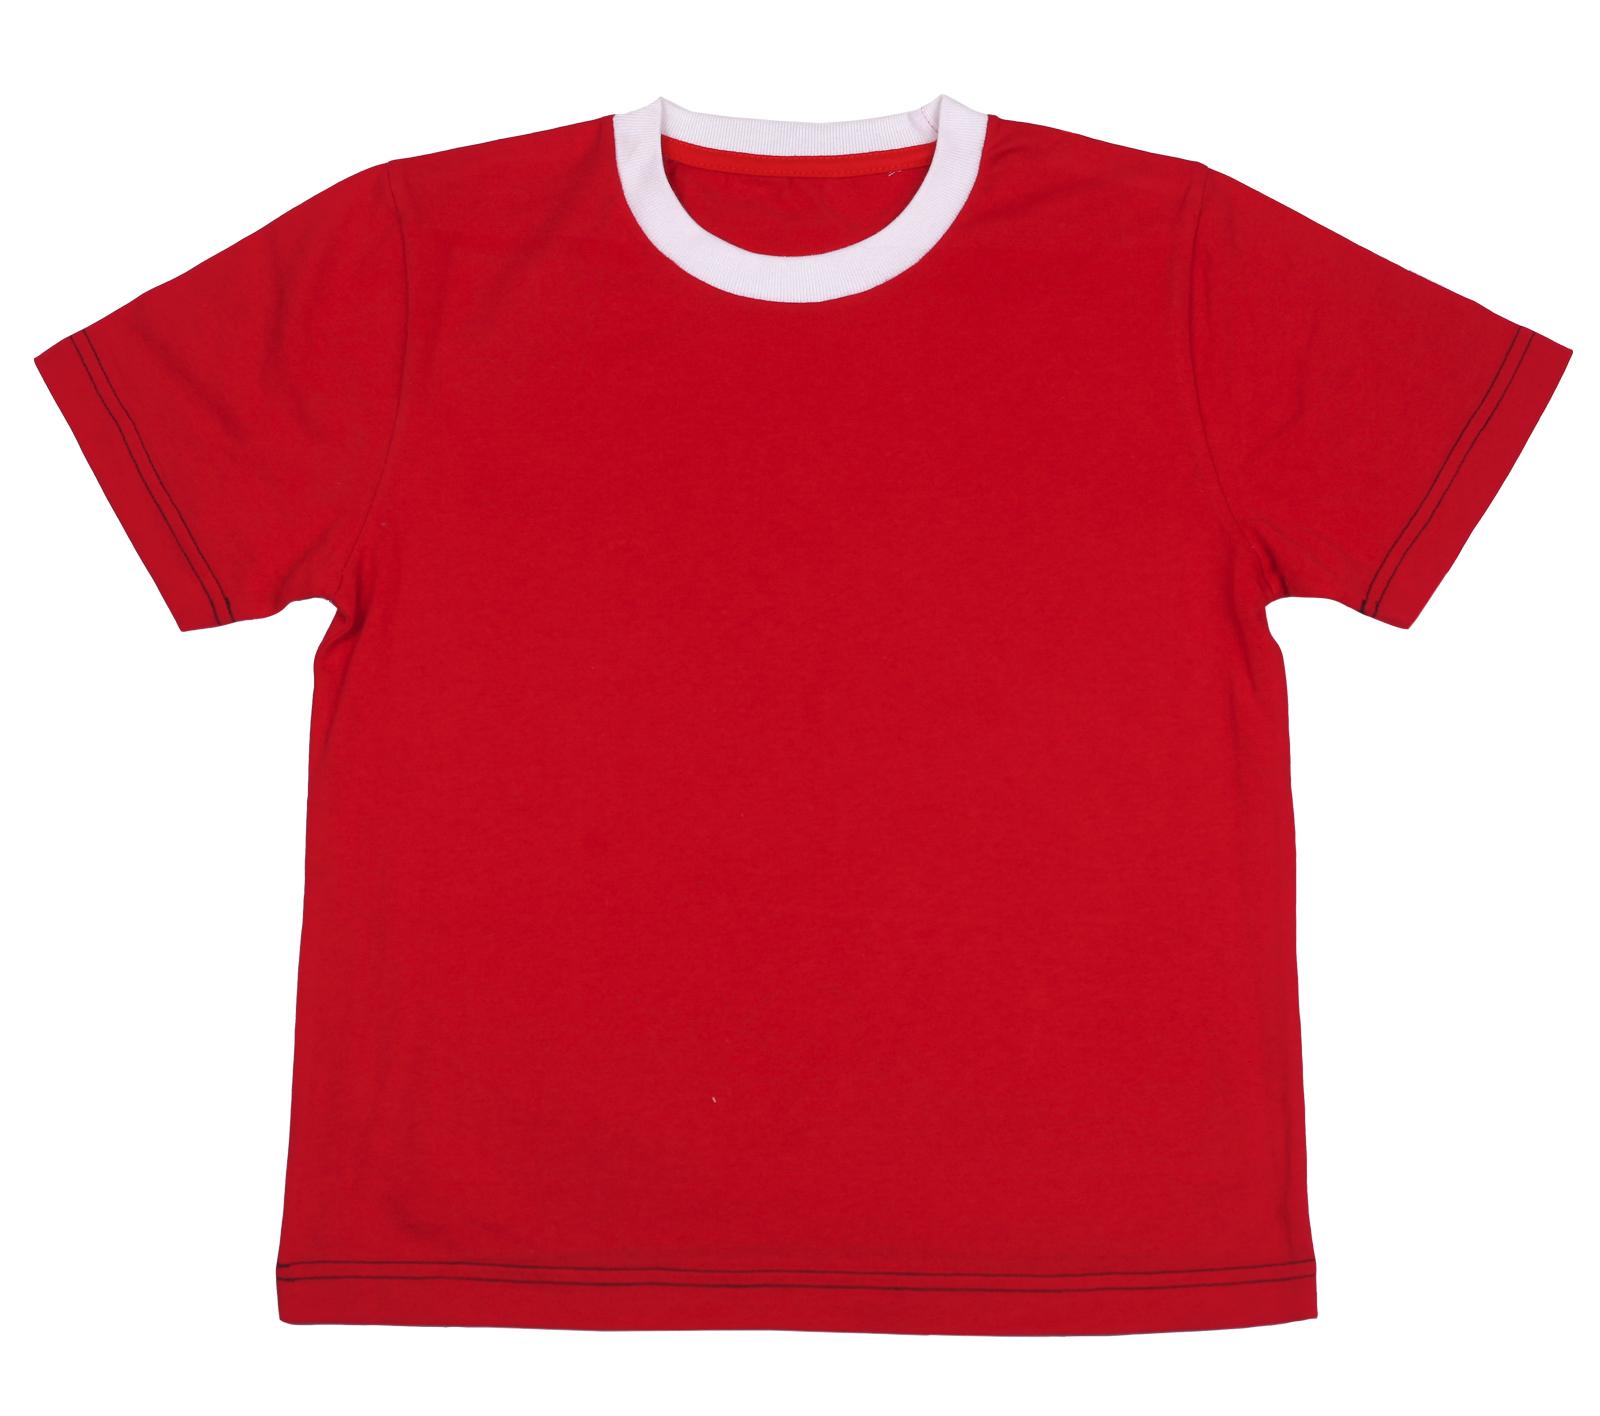 Детская футболка на лето! Высокое качество.